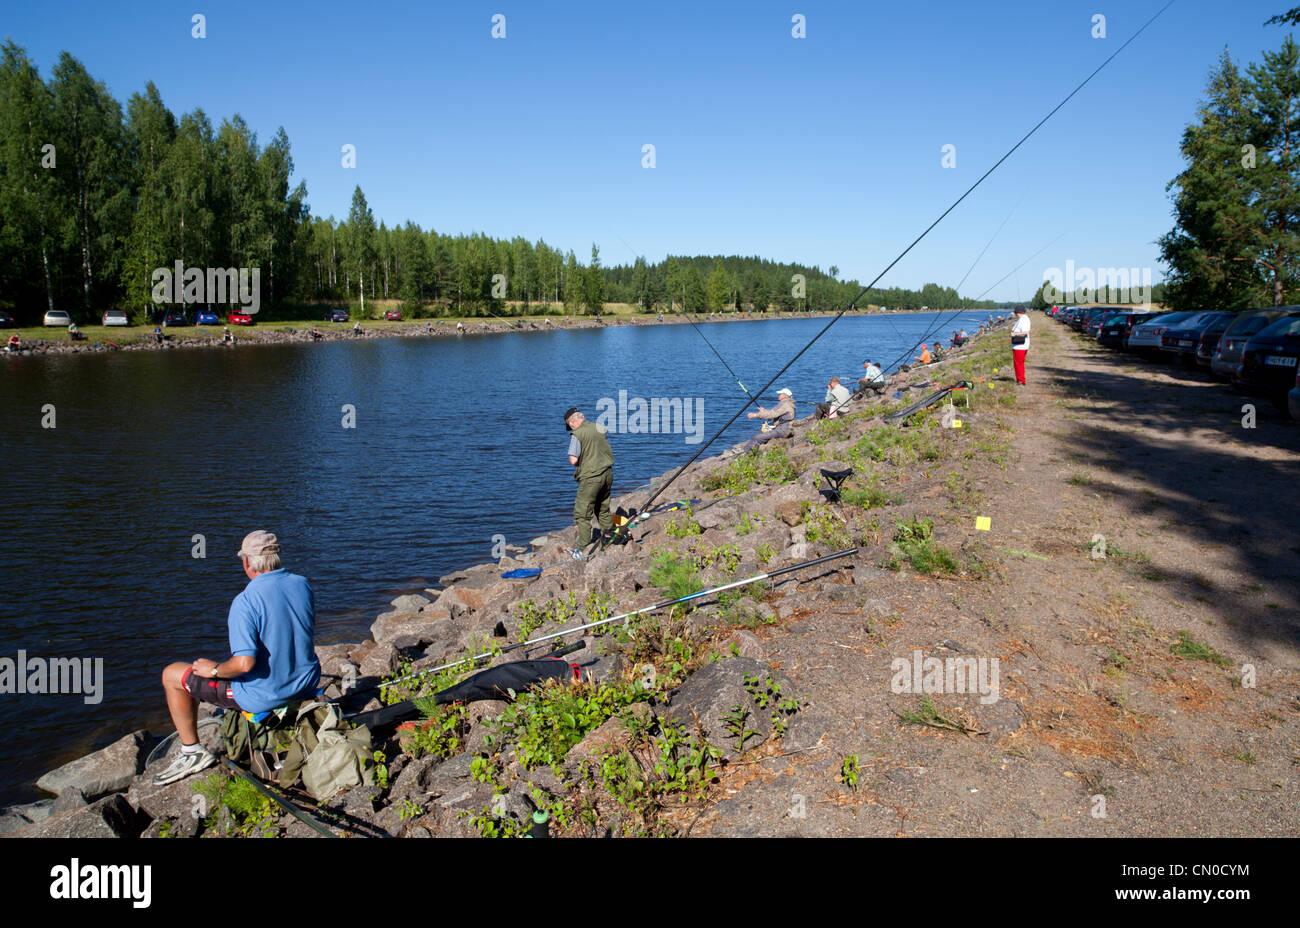 Campeonatos nacionales finlandeses de pesca 2011 en Kansola Saimaa Canal. Serie de veteranos (60+). , Finlandia Imagen De Stock